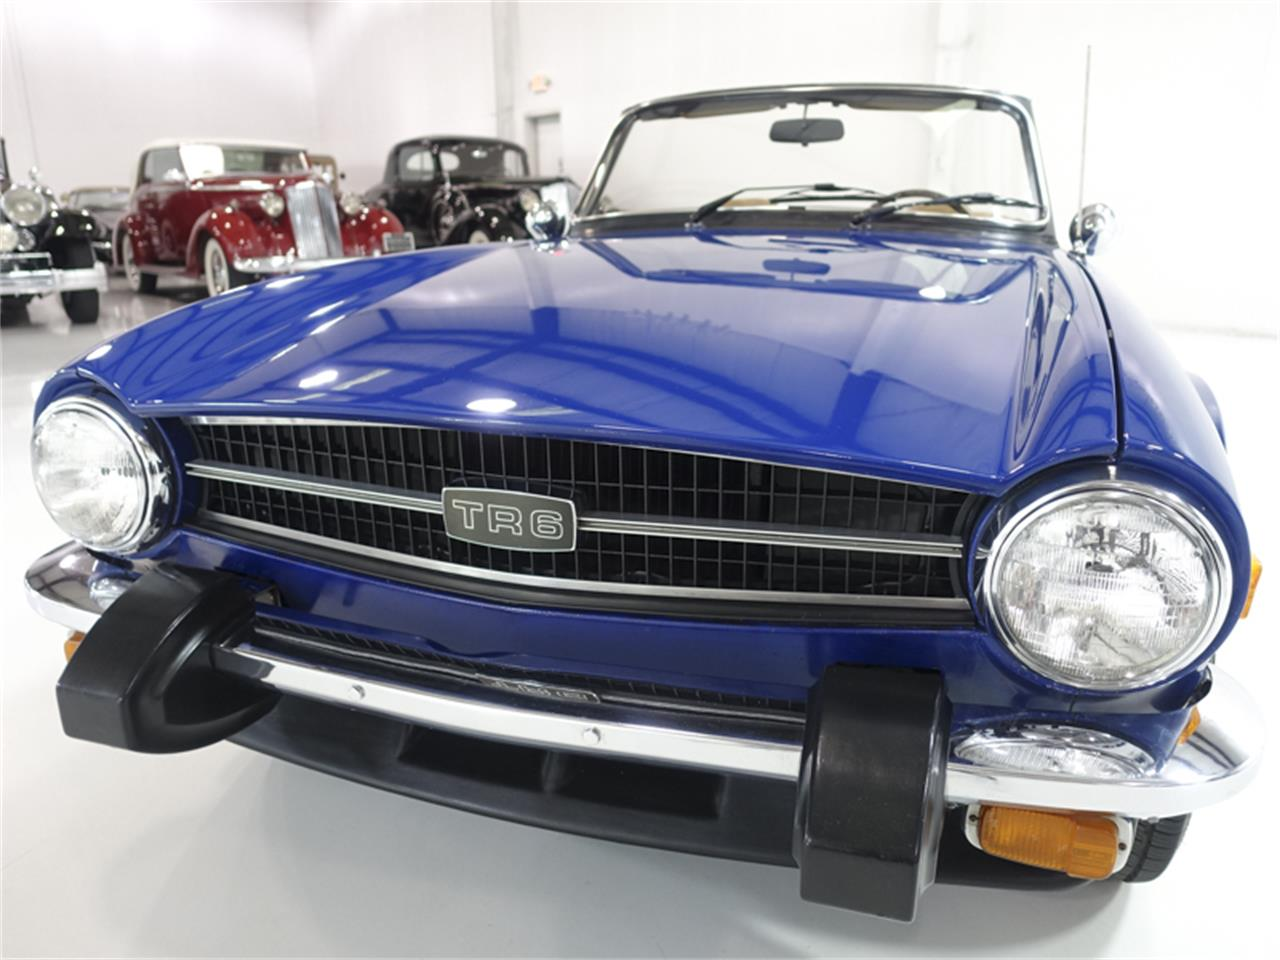 1976 Triumph TR6 (CC-1308249) for sale in Saint Louis, Missouri